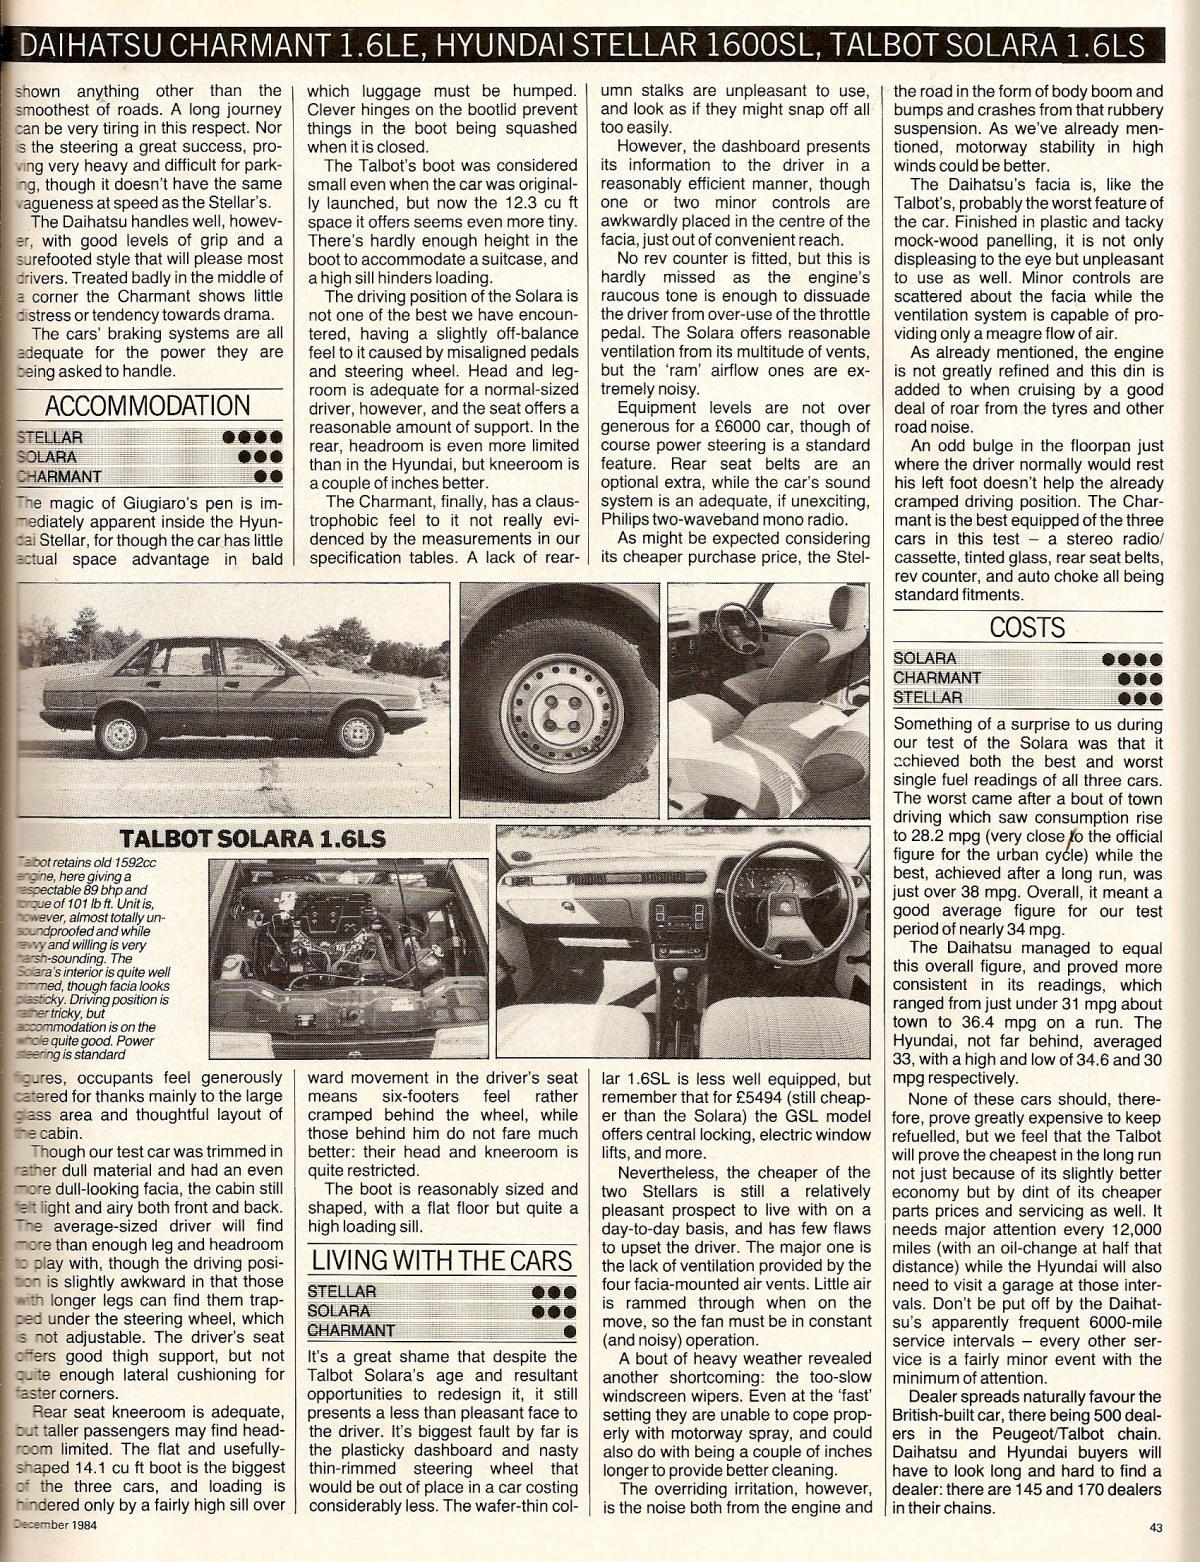 Hyundai Stellar Vs Daihatsu Charmant & Talbot Solara Test 1984 (3).jpg